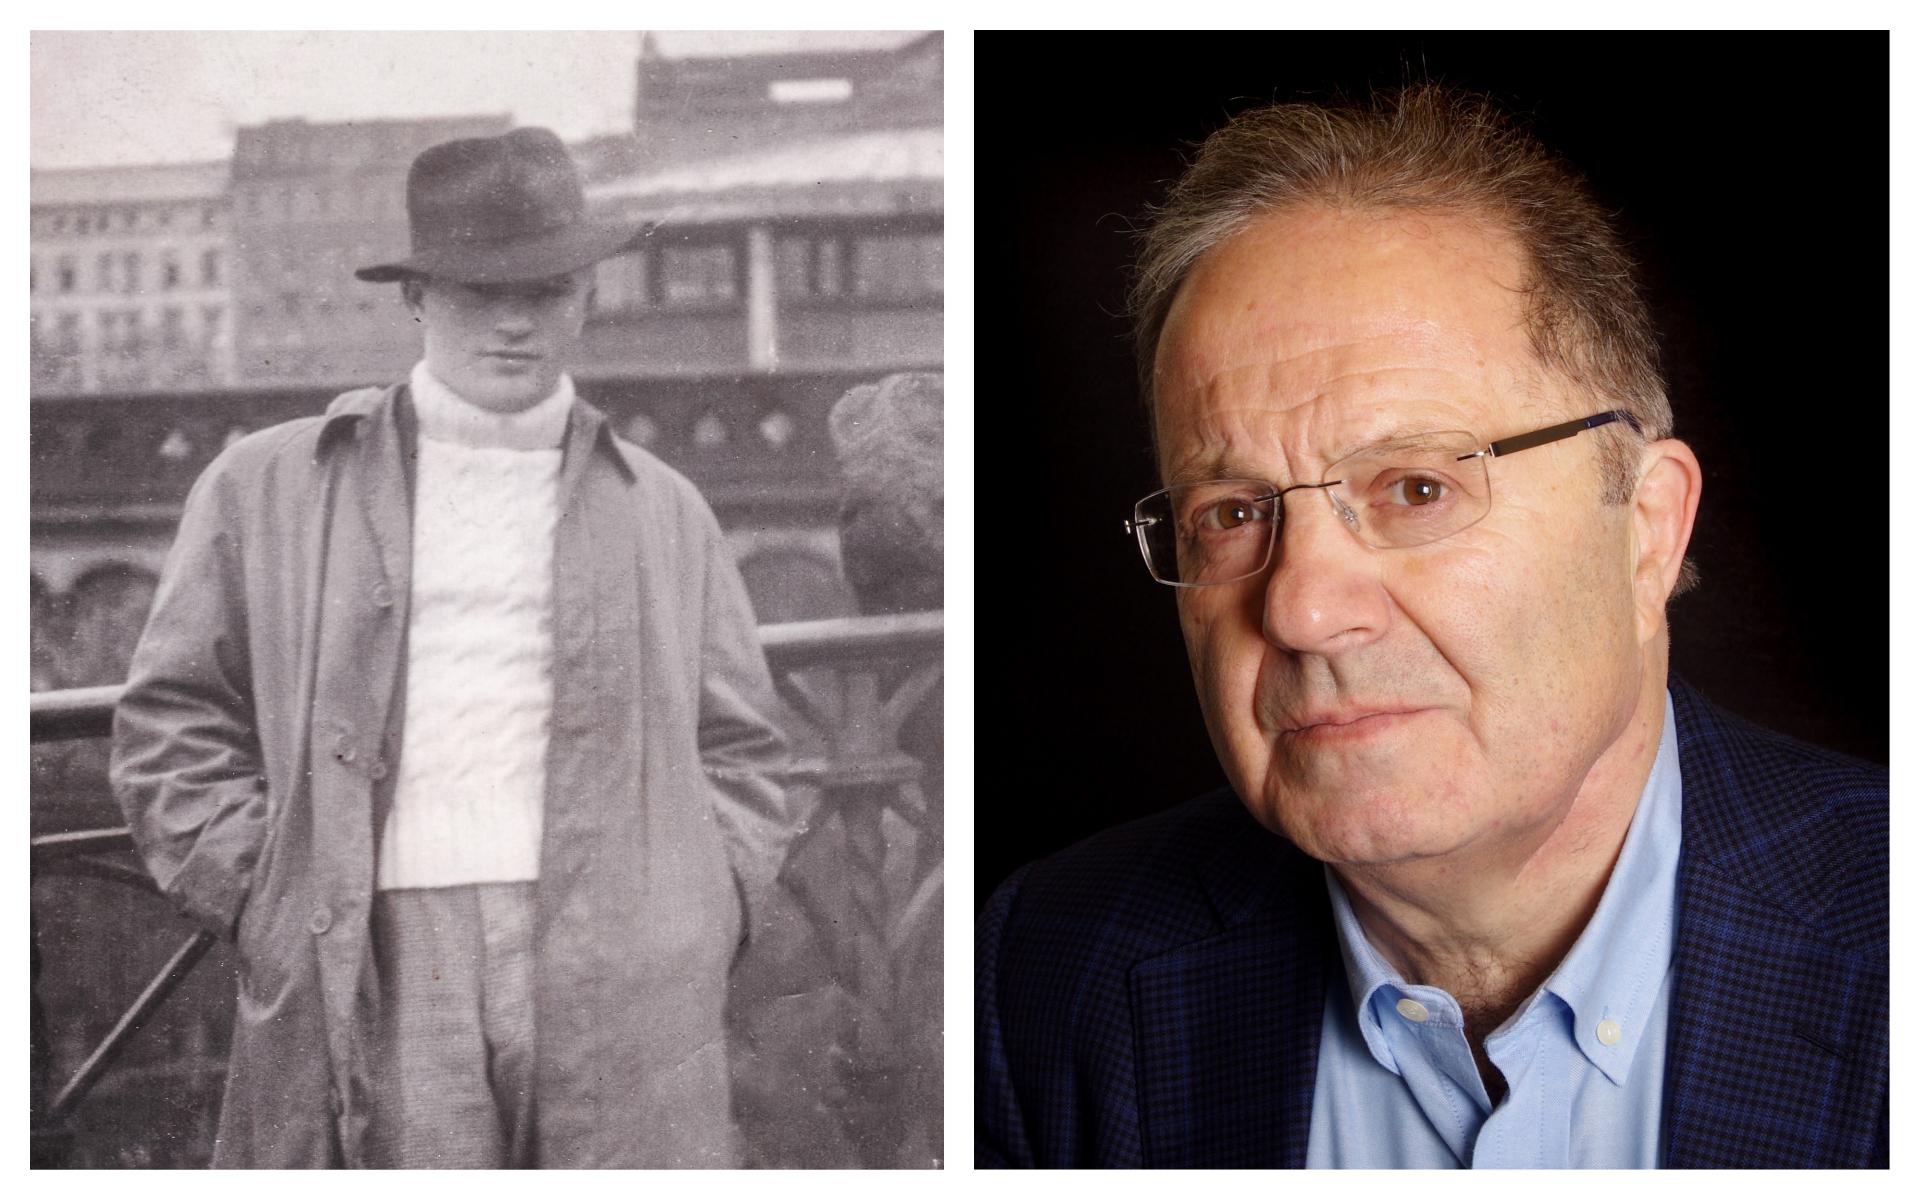 """A gauche : Chaim Herszman en Allemagne en 1946, à droite : John Carr, auteur de """"Escape From the Ghetto"""", l'histoire de la fuite audacieuse de son père pour échapper aux nazis. (Autorisation de John Carr)"""